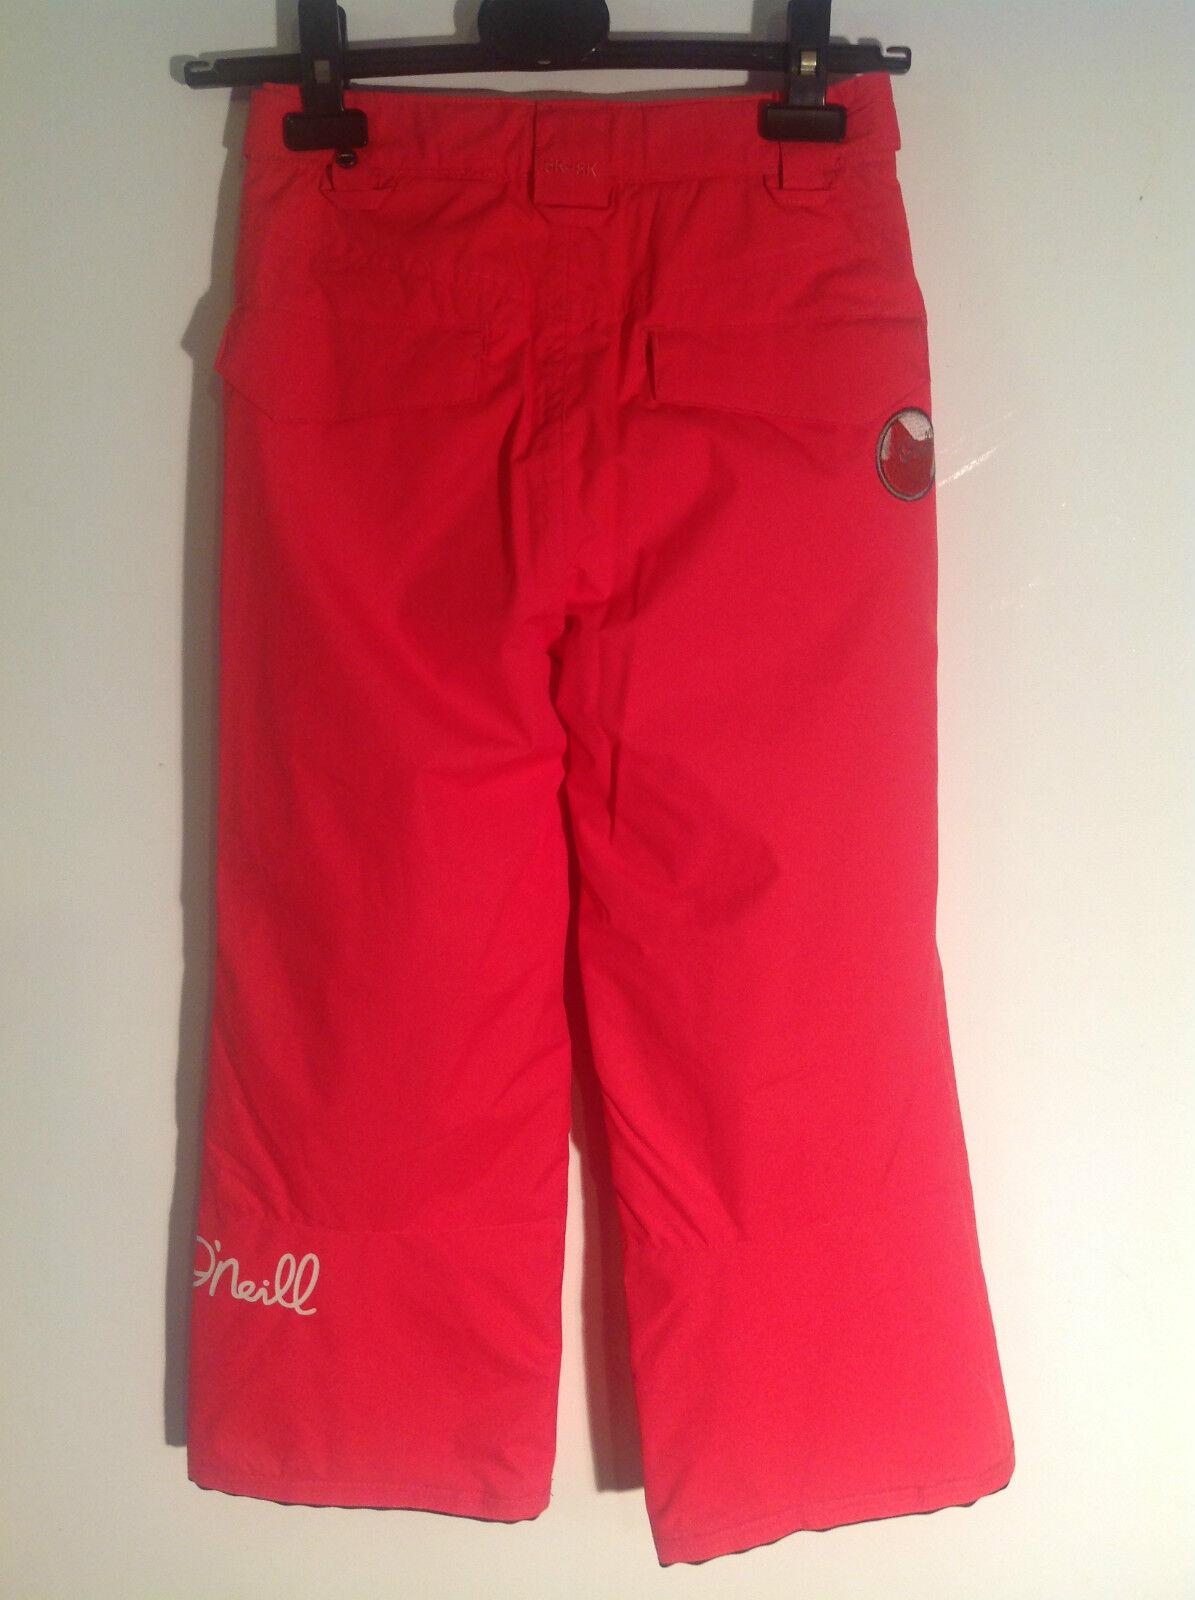 O'Neill toraydelfy 5000 mm Ragazze Ragazze Ragazze Impermeabile Sci Pantaloni .99 BNWT a39ddf